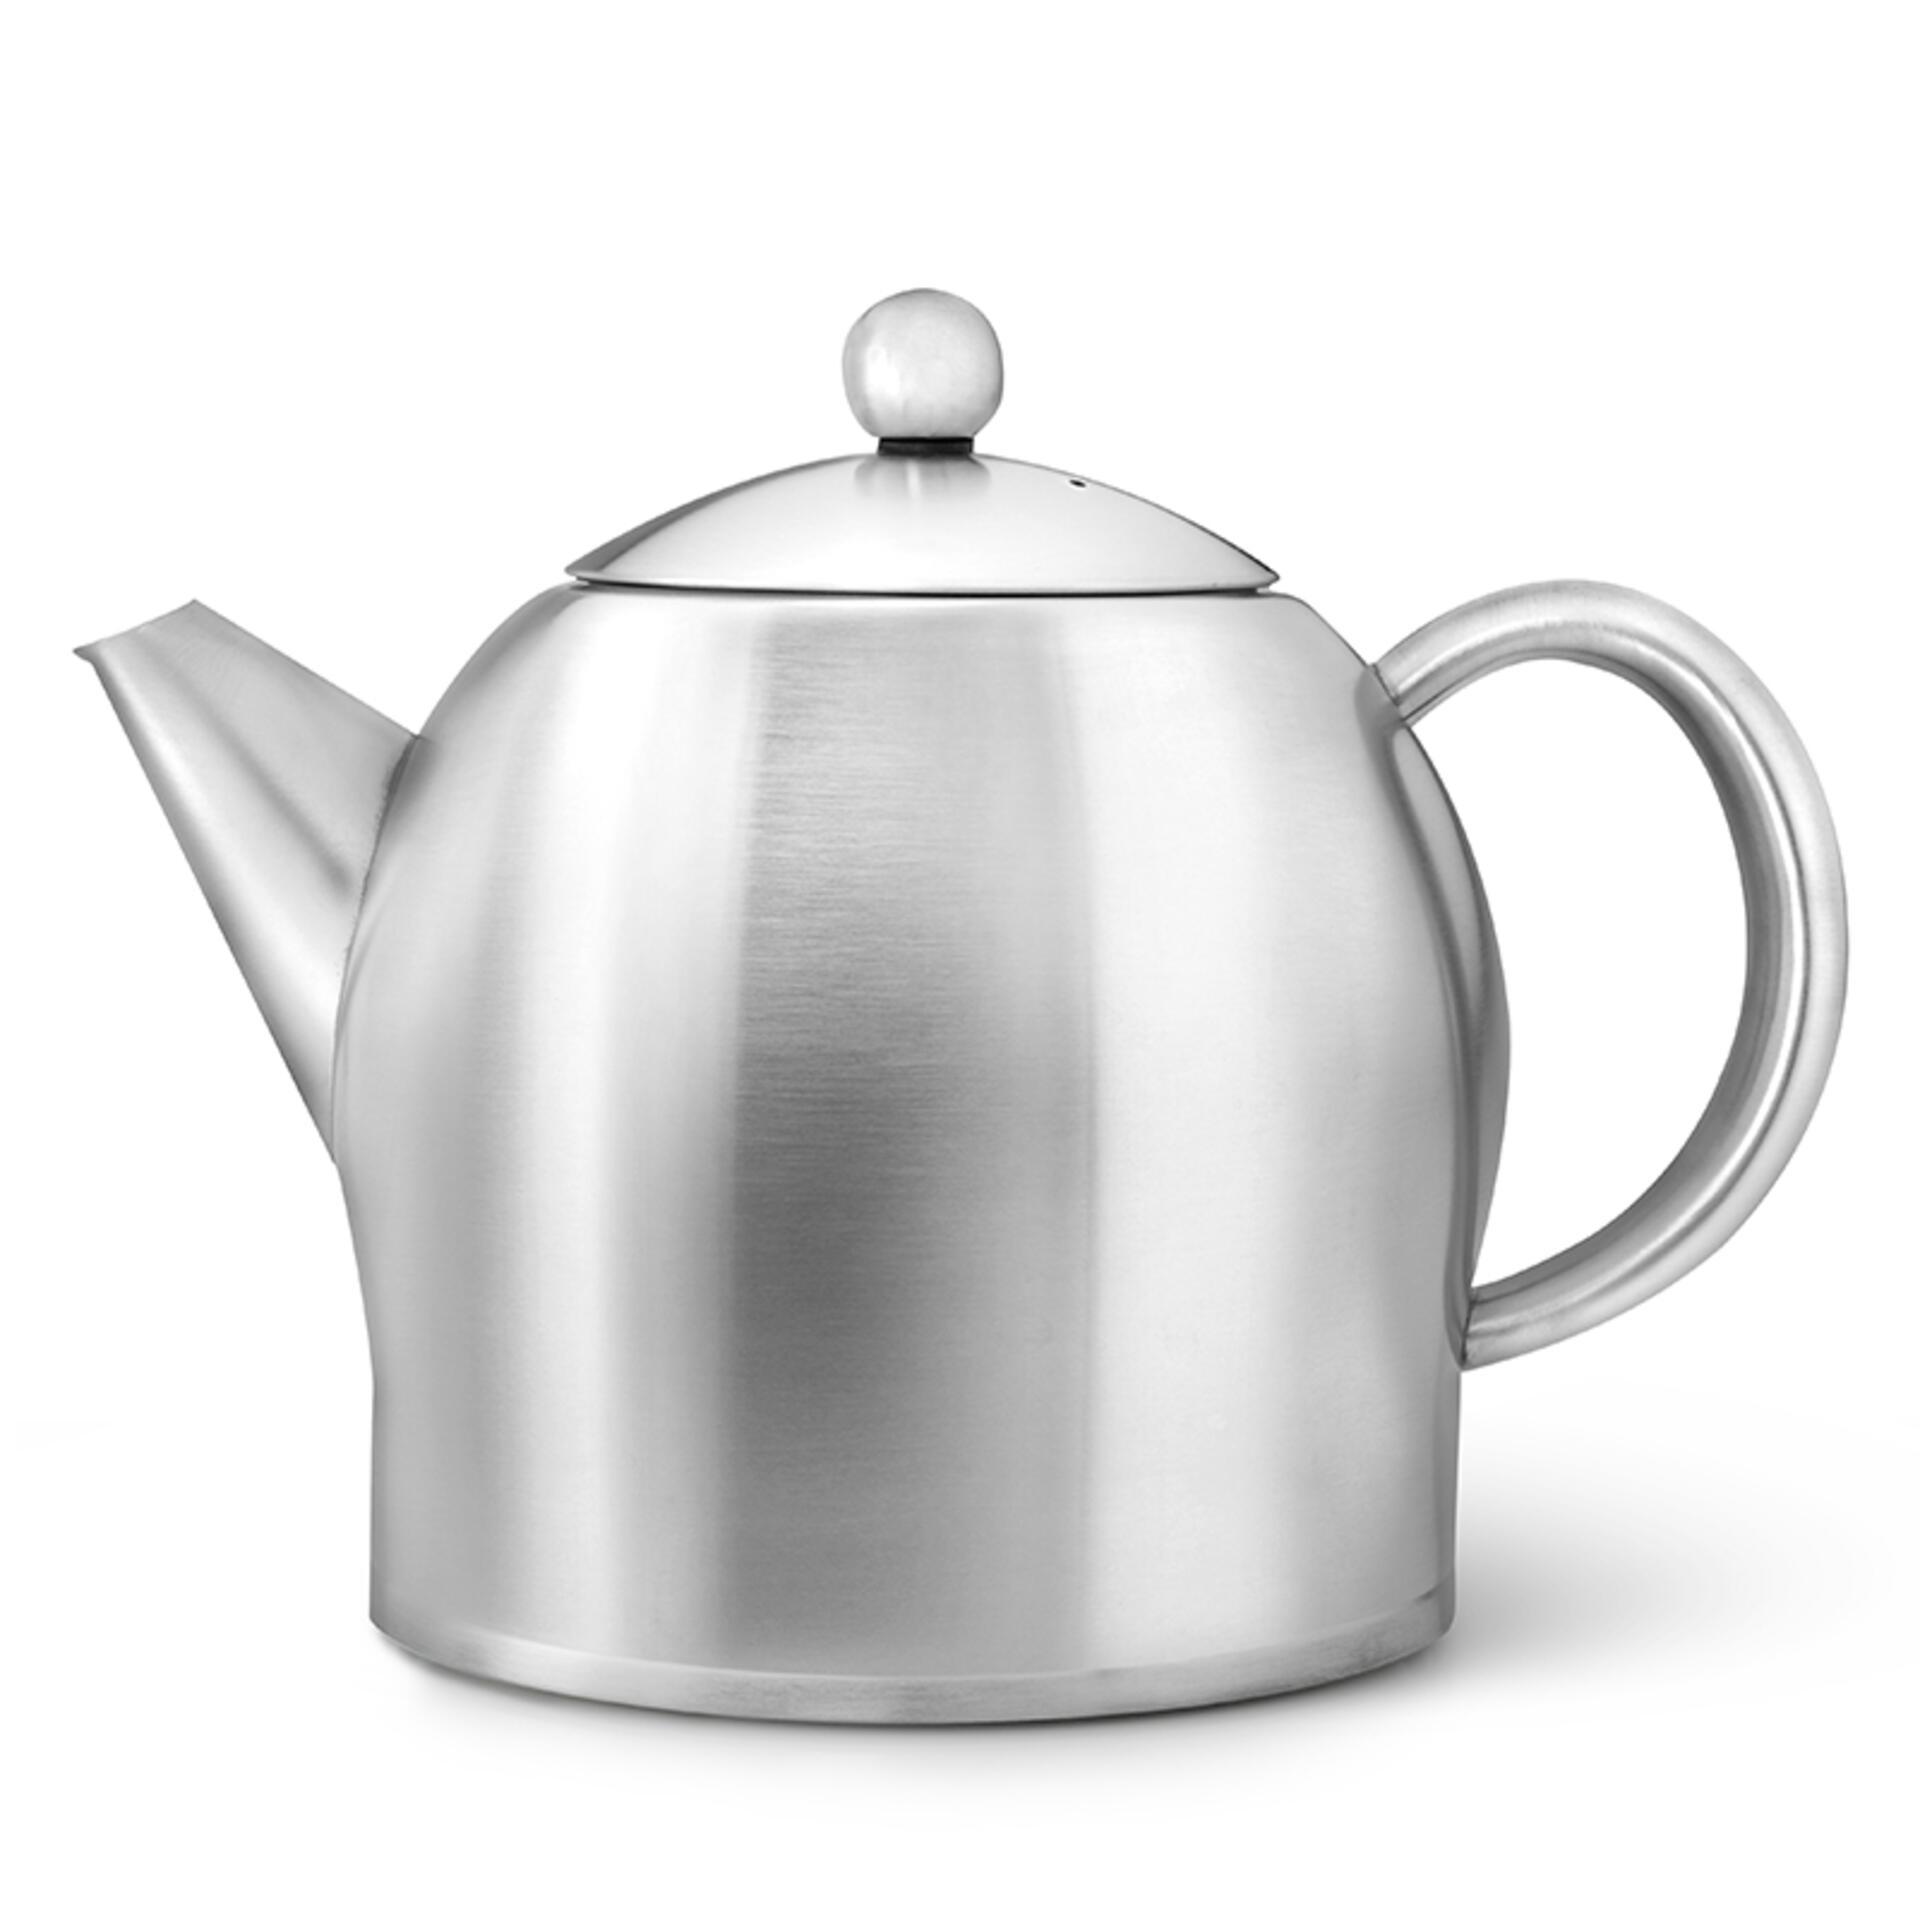 Bredemeijer Teekanne Minuet Santhee 1,4 l matt